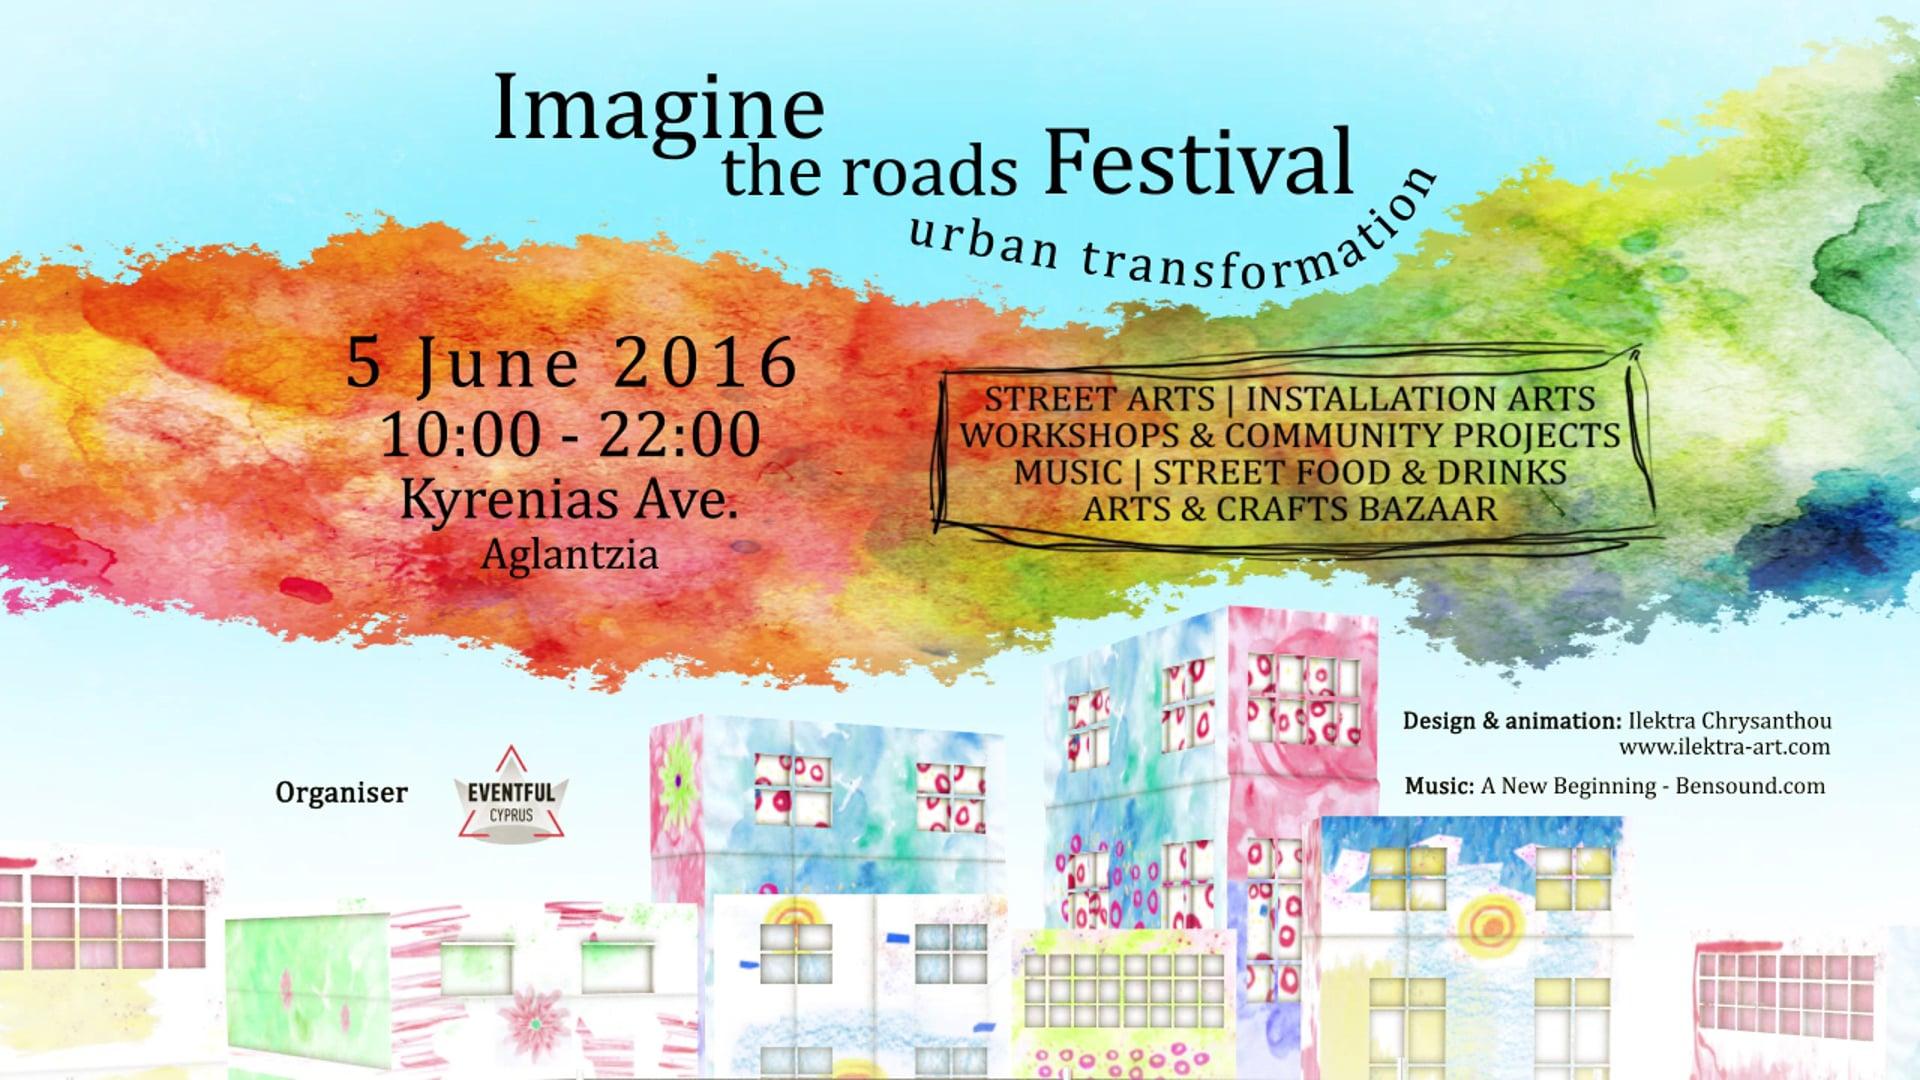 Imagine the Roads Festival - Promo Video